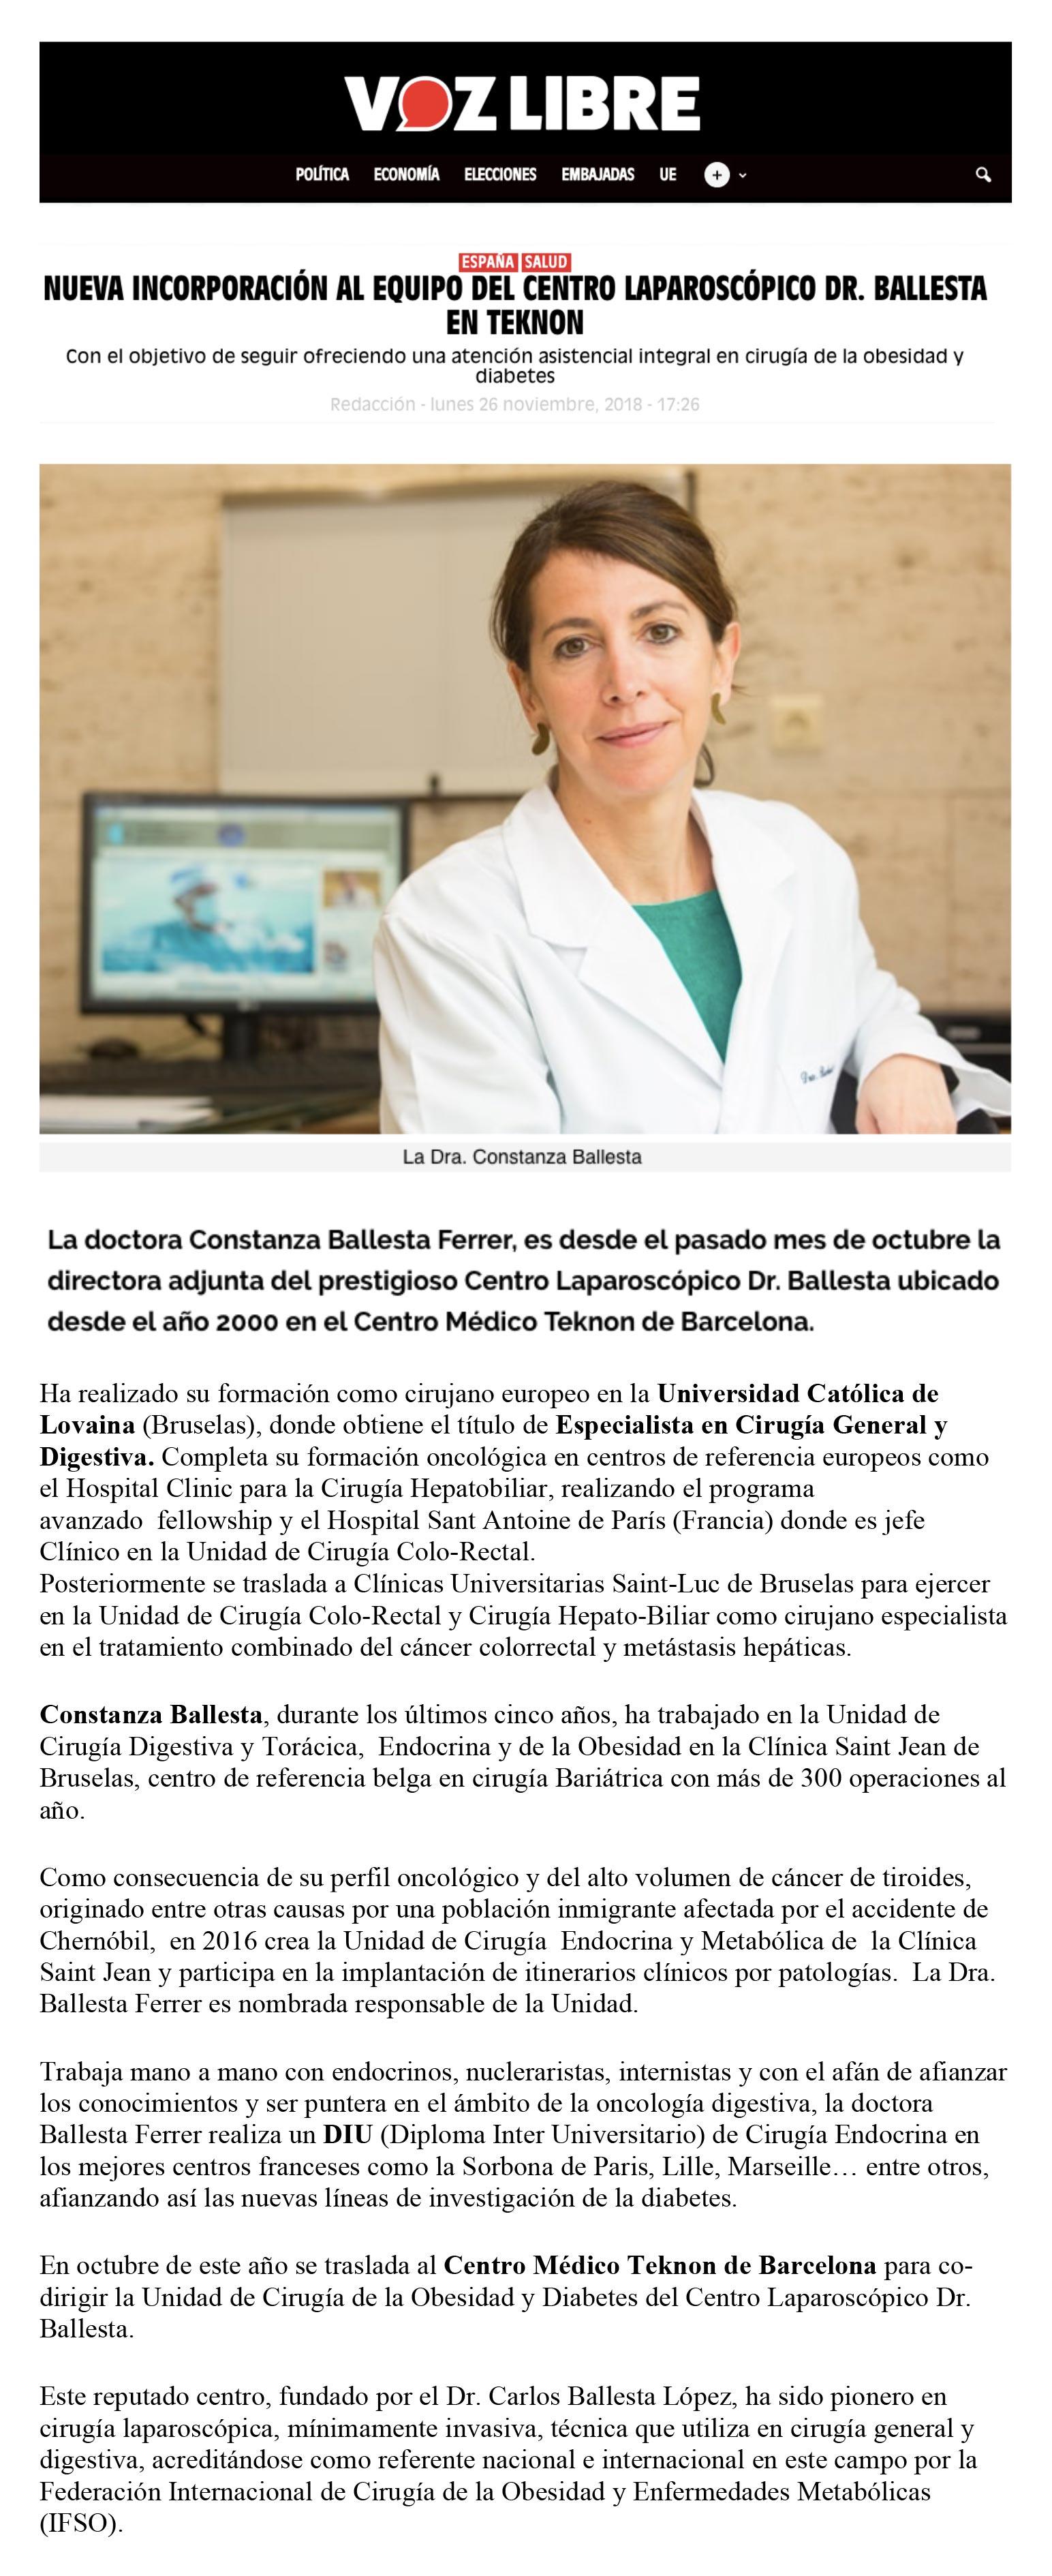 Voz-Libre-Dra-Constanza-Ballesta-26-11-18--(2)-1